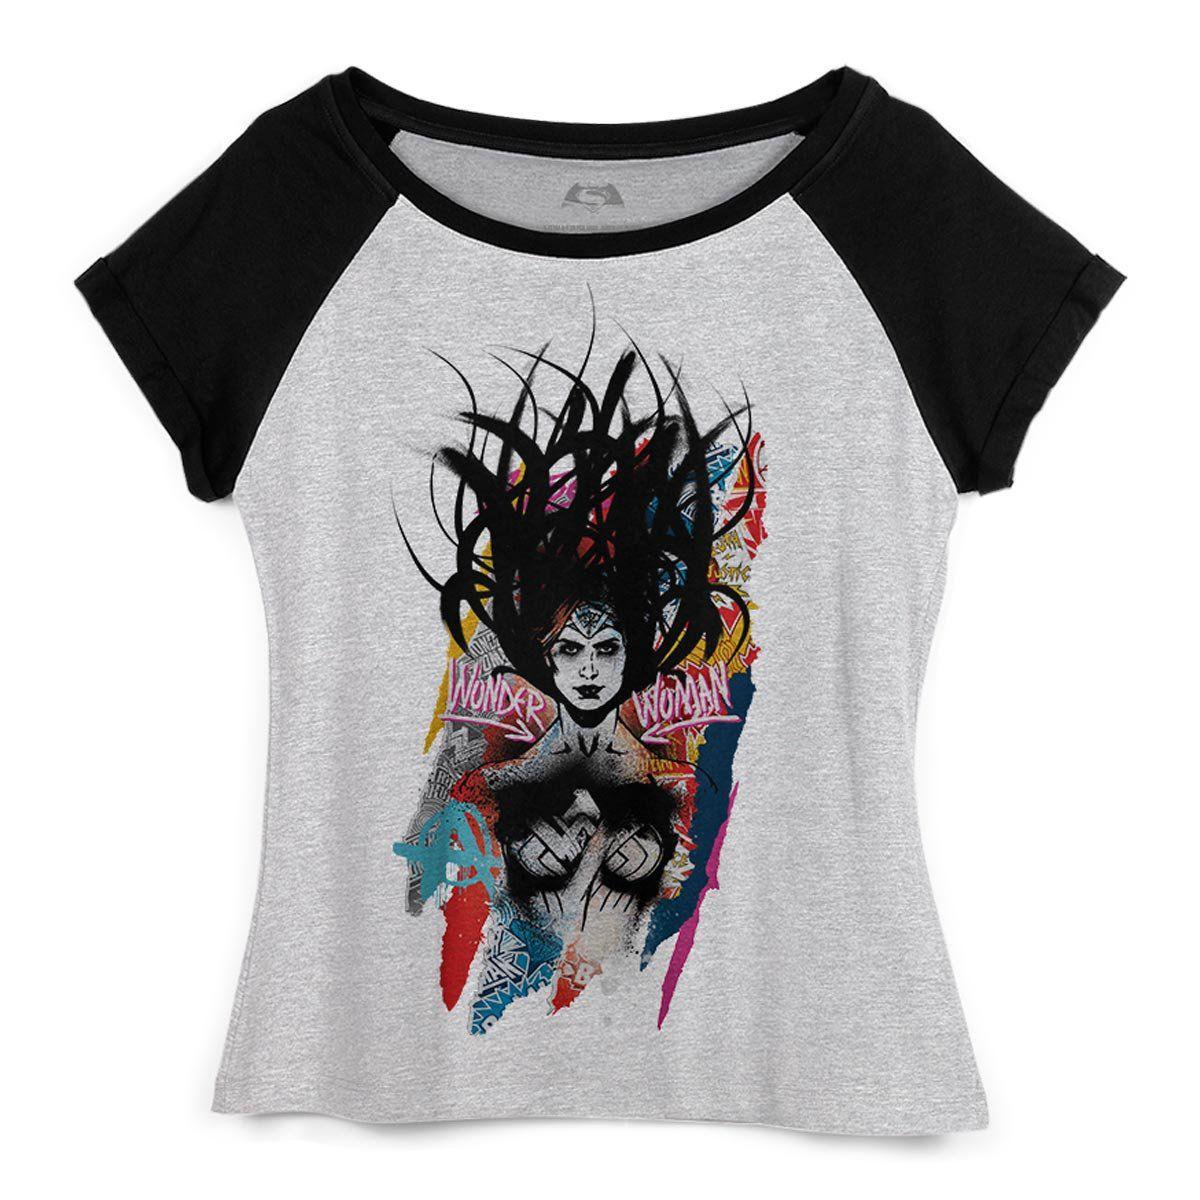 Camiseta Raglan Feminina Wonder Woman Anarchy  - bandUP Store Marketplace